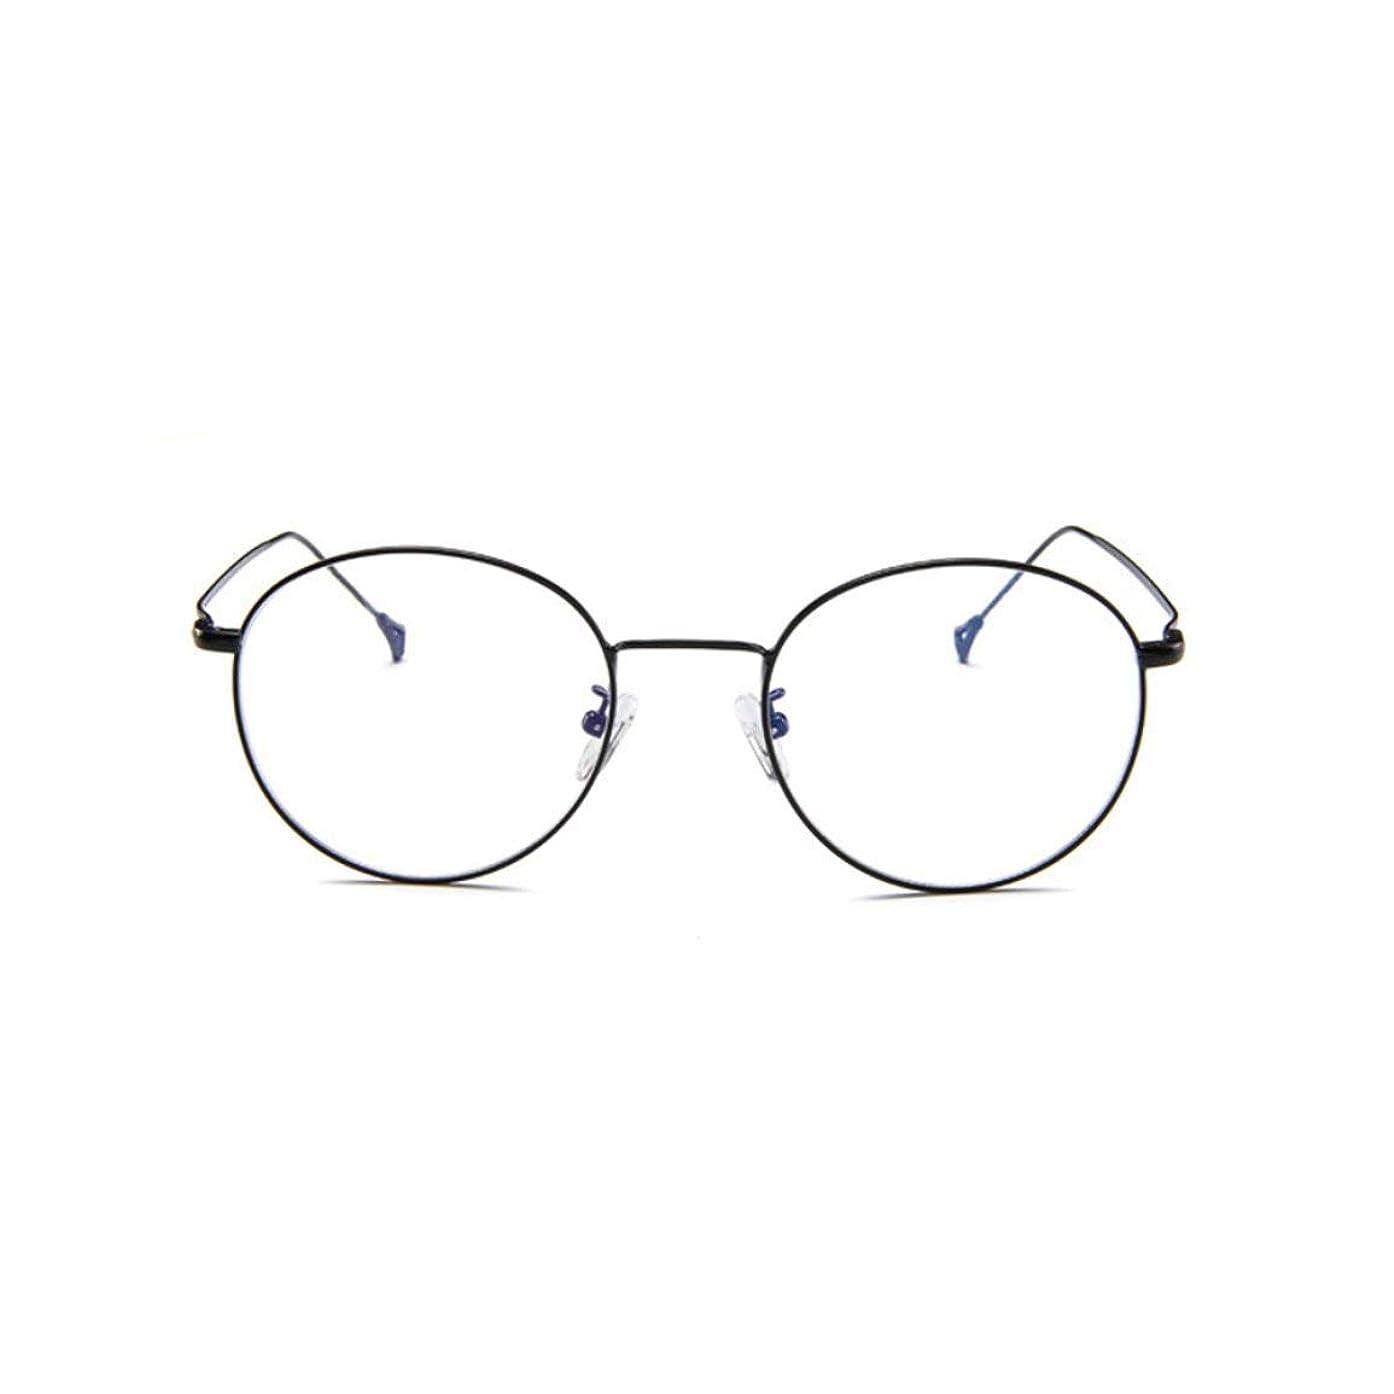 レンズ励起出します韓国のメガネフレームの男性と女性のレトロフラットメガネメタルトレンディメガネファッション近視メガネフレーム-ブラック